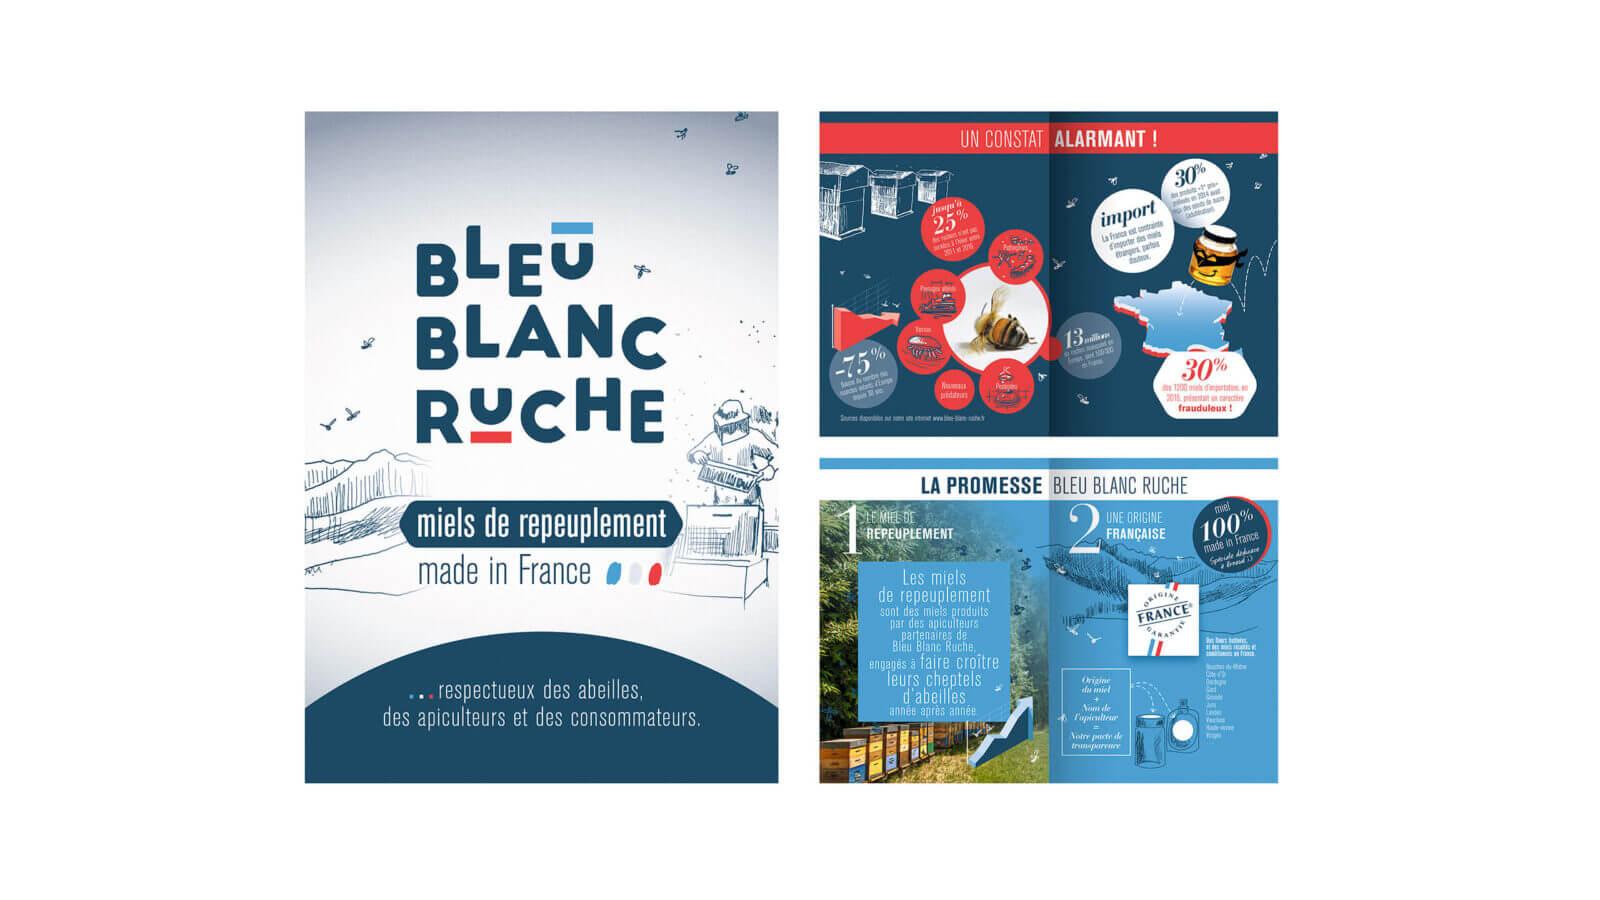 promotion de marque Bleu Blanc Ruche